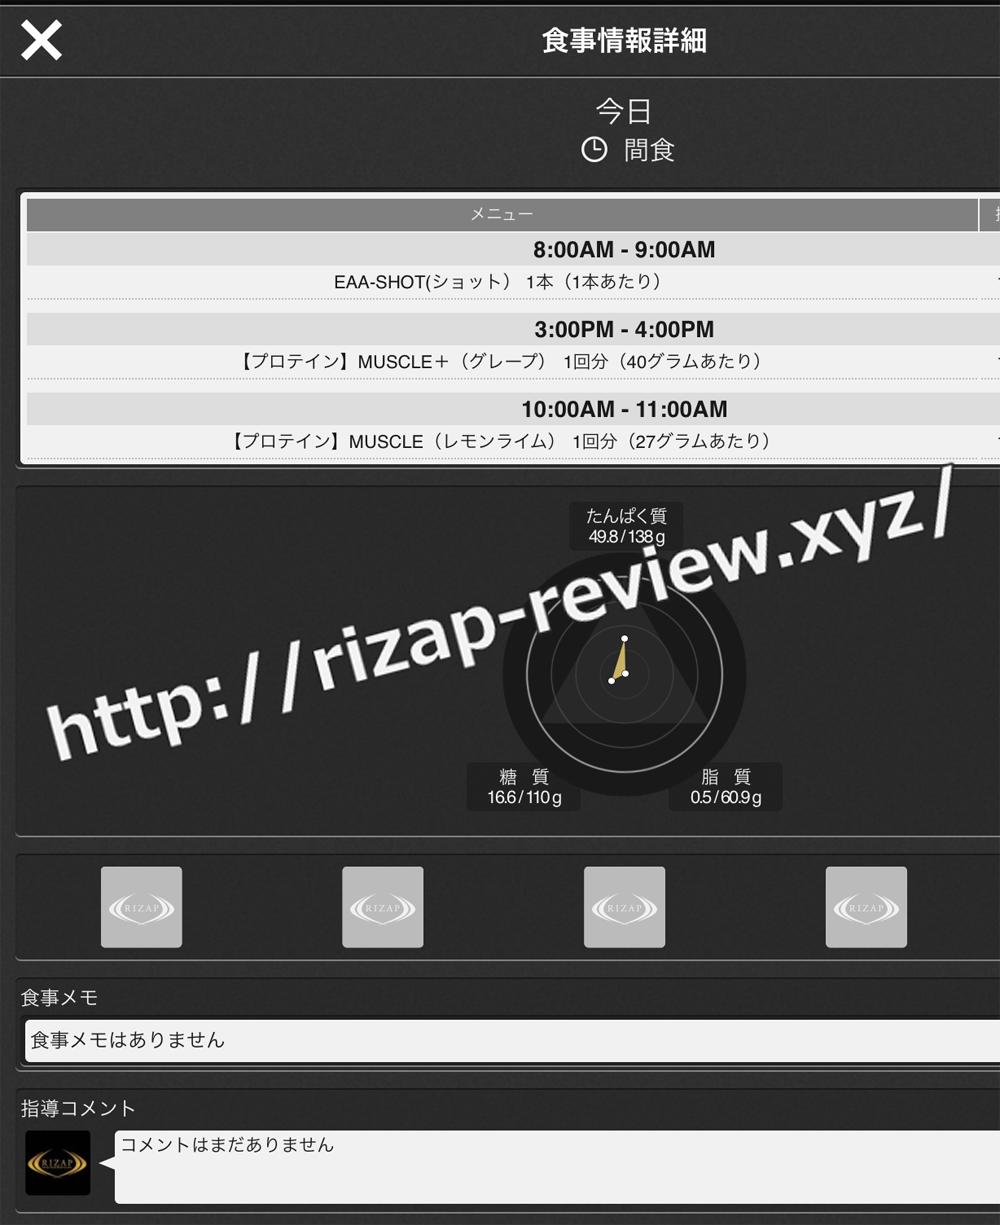 2018.10.24(水)ライザップ流の間食